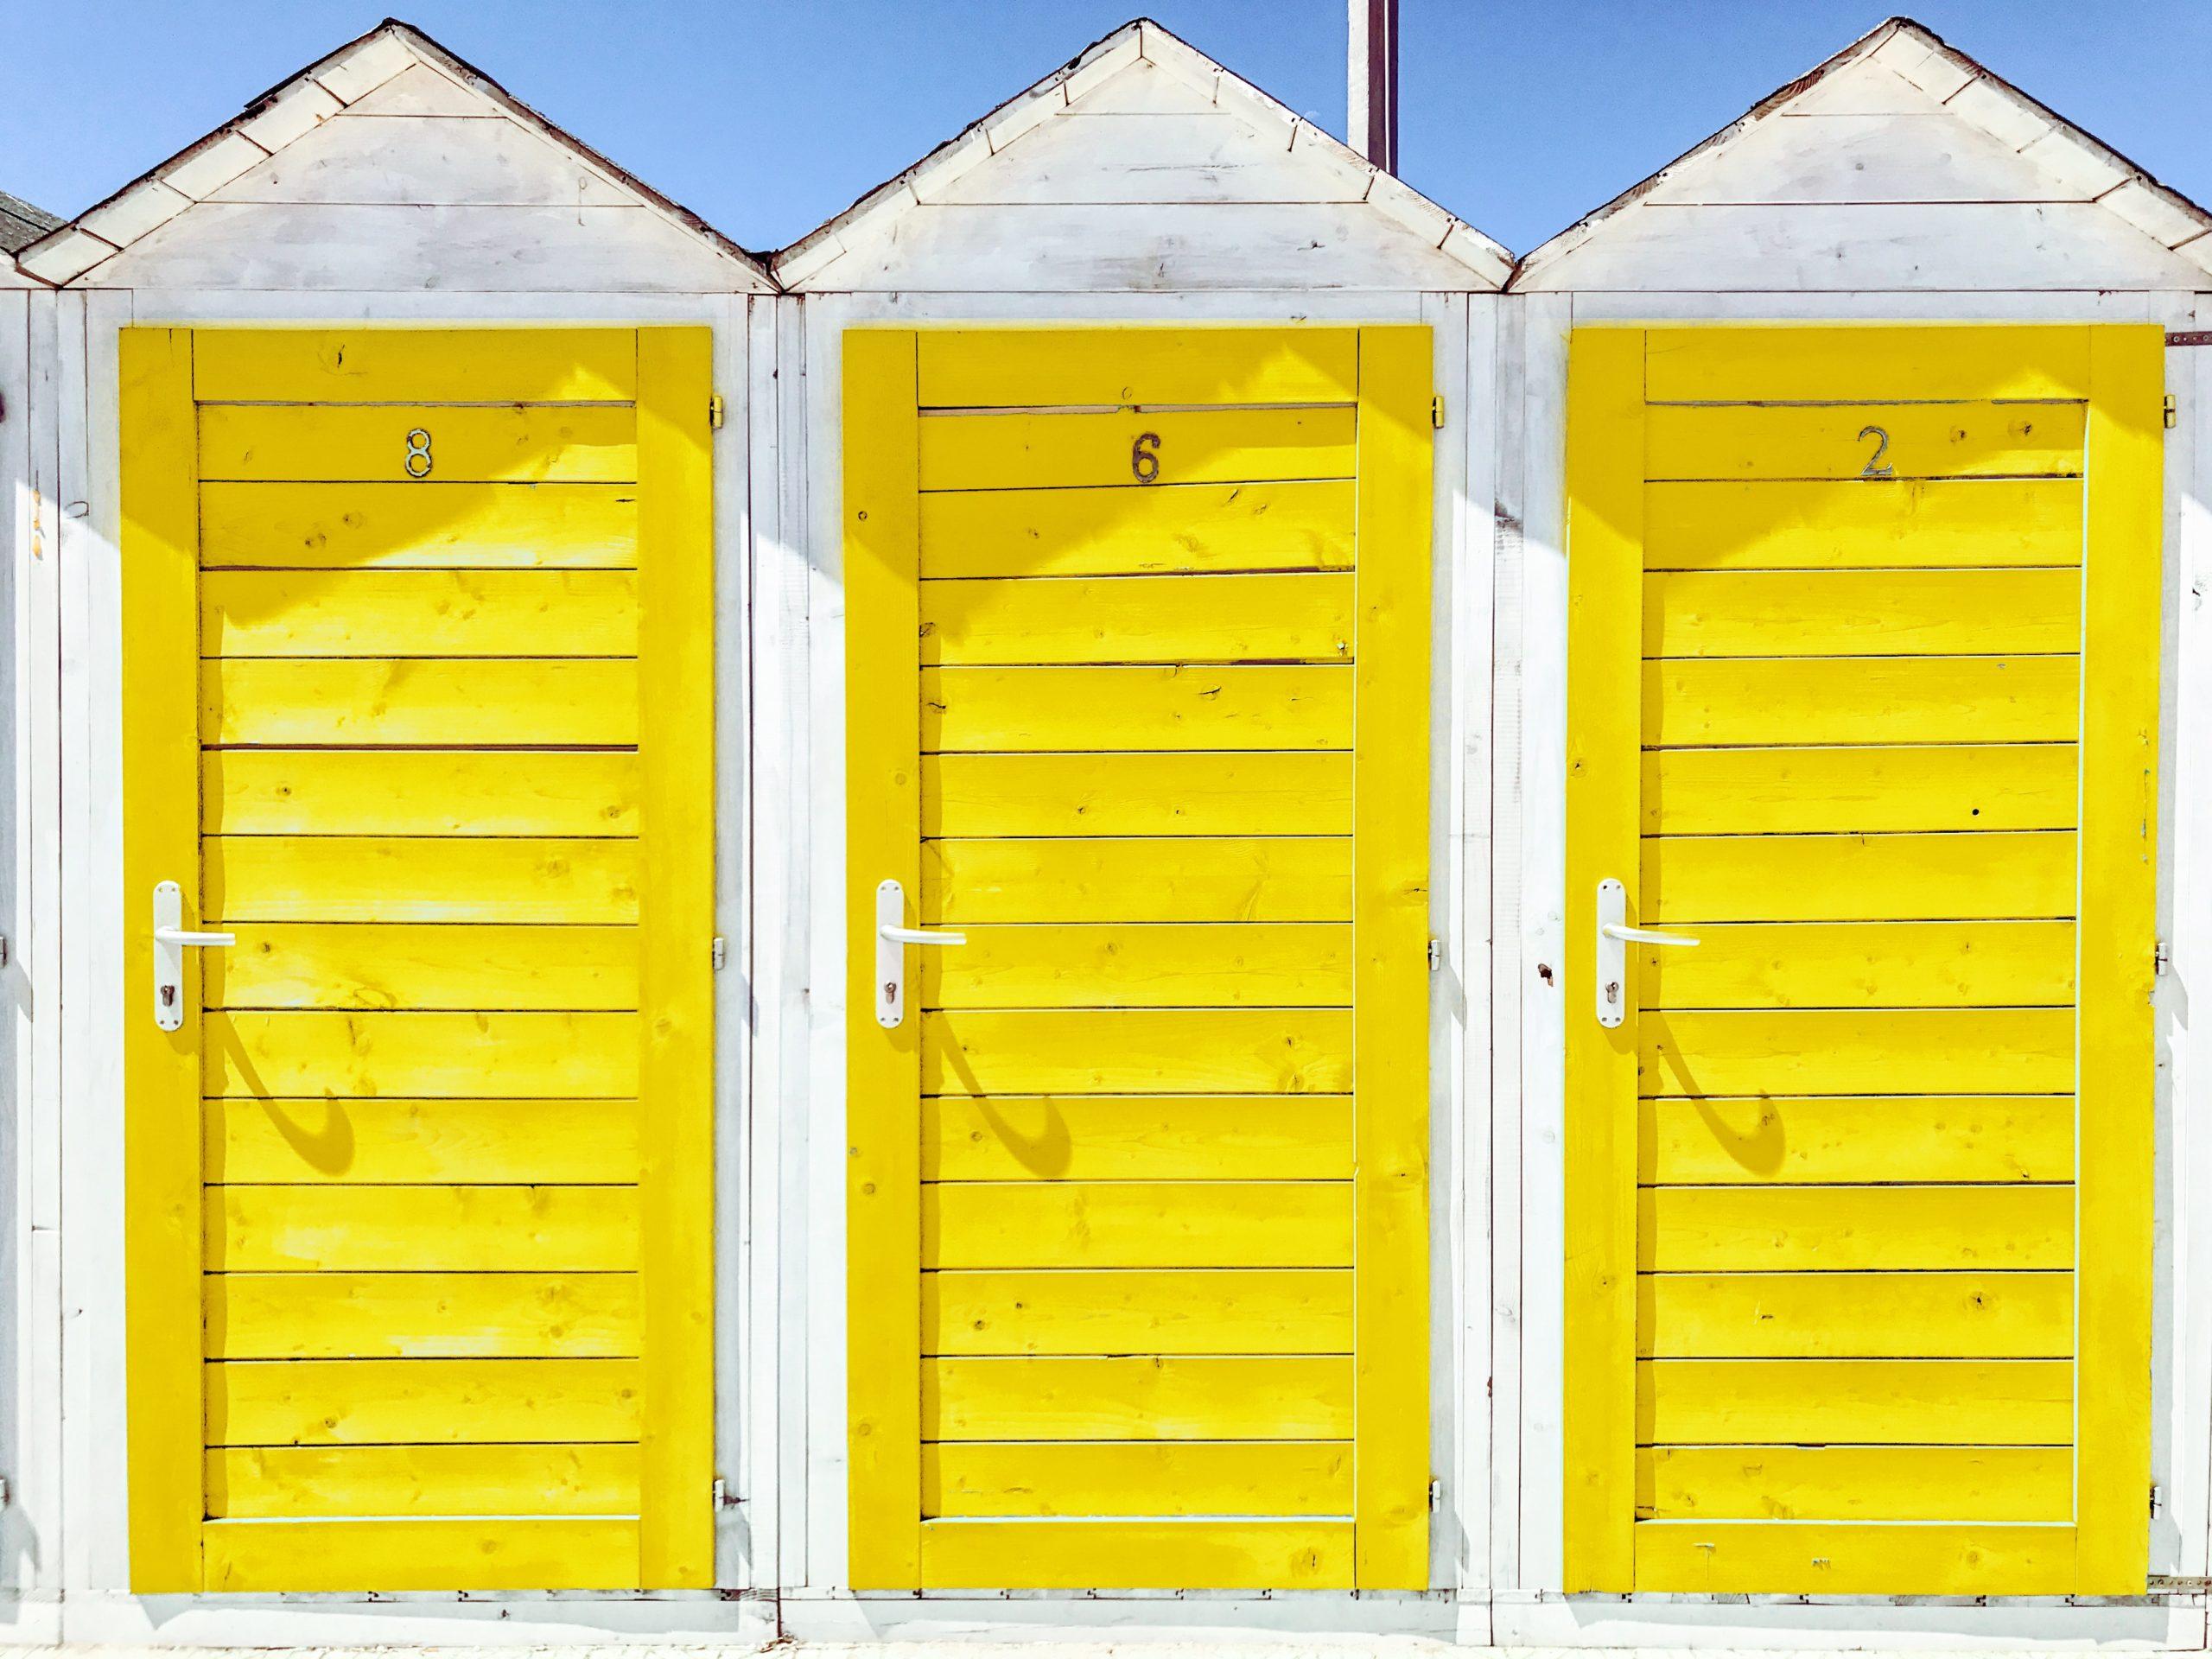 3 Srrandhäuser mit gelben Holztüren